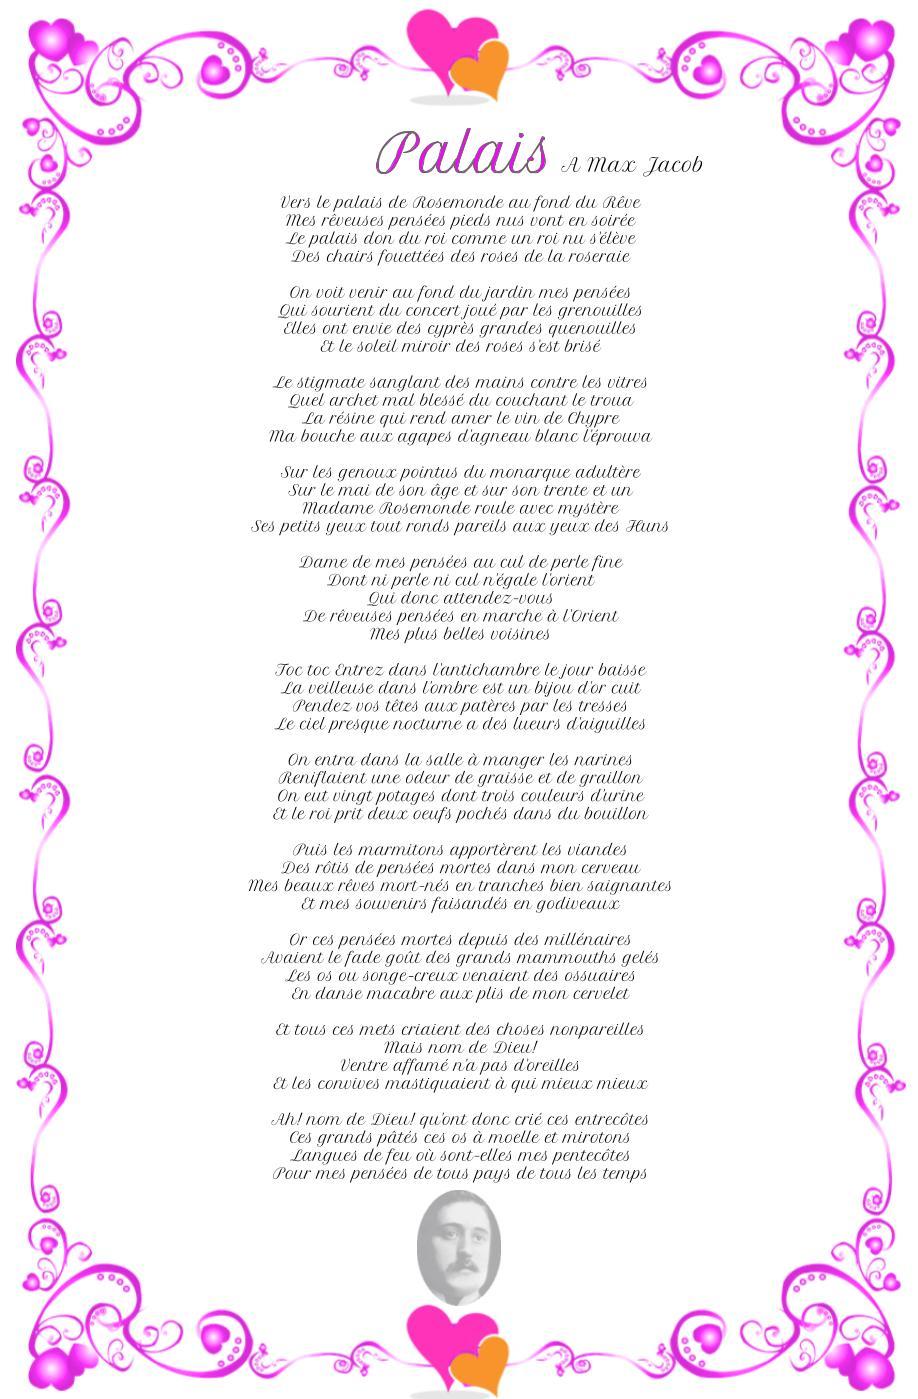 Palais, poème de Guillaume Apollinaire